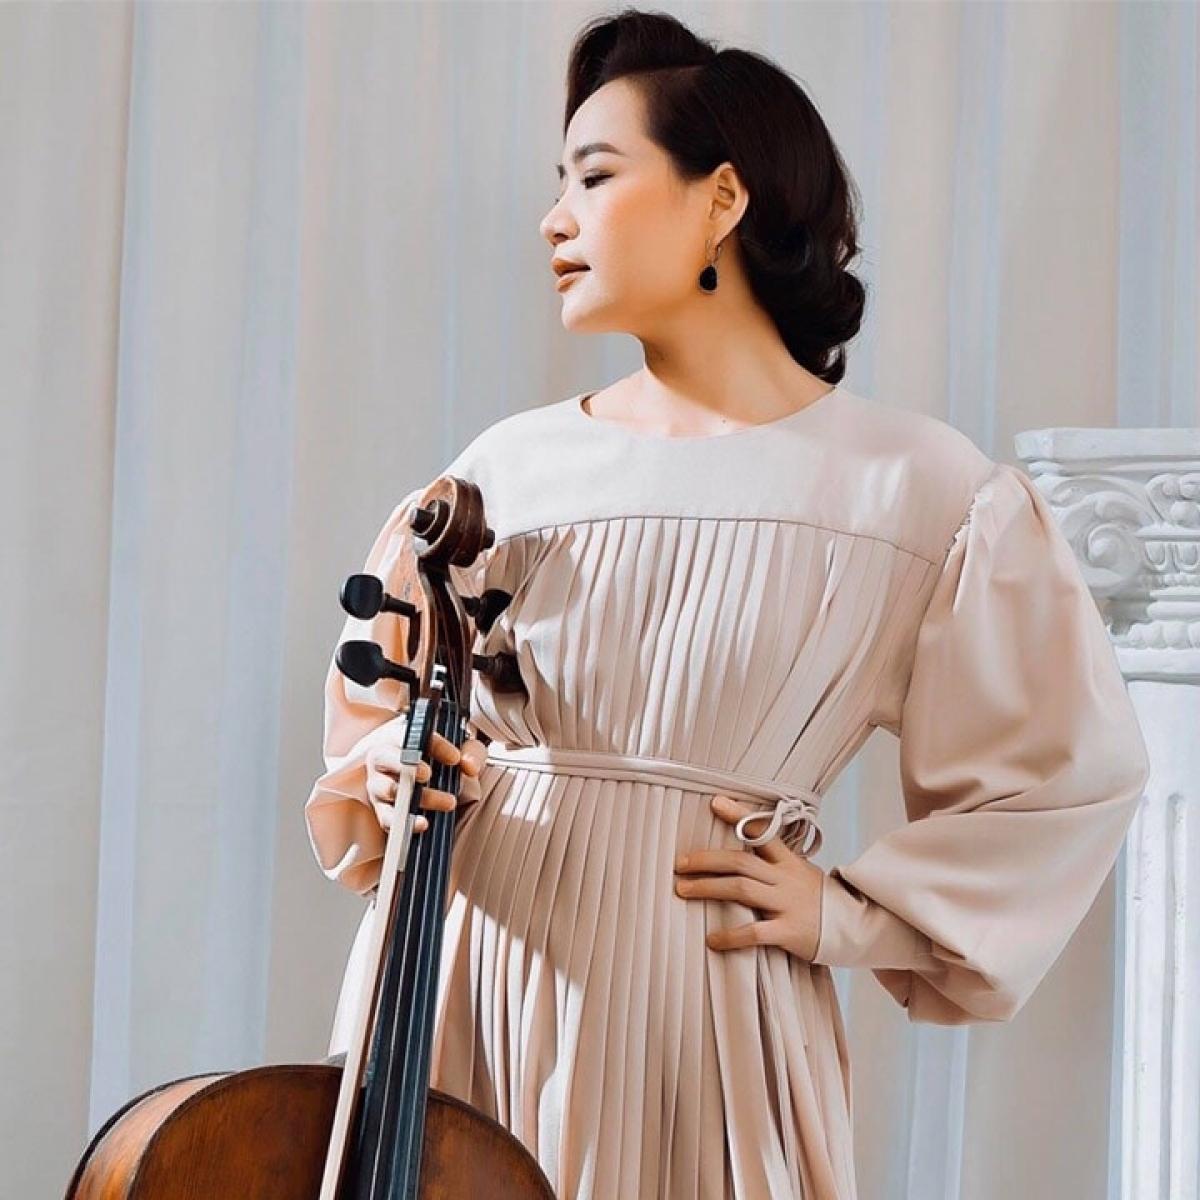 Nghệ sĩ, Tiến sĩ Cello Đinh Hoài Xuân.